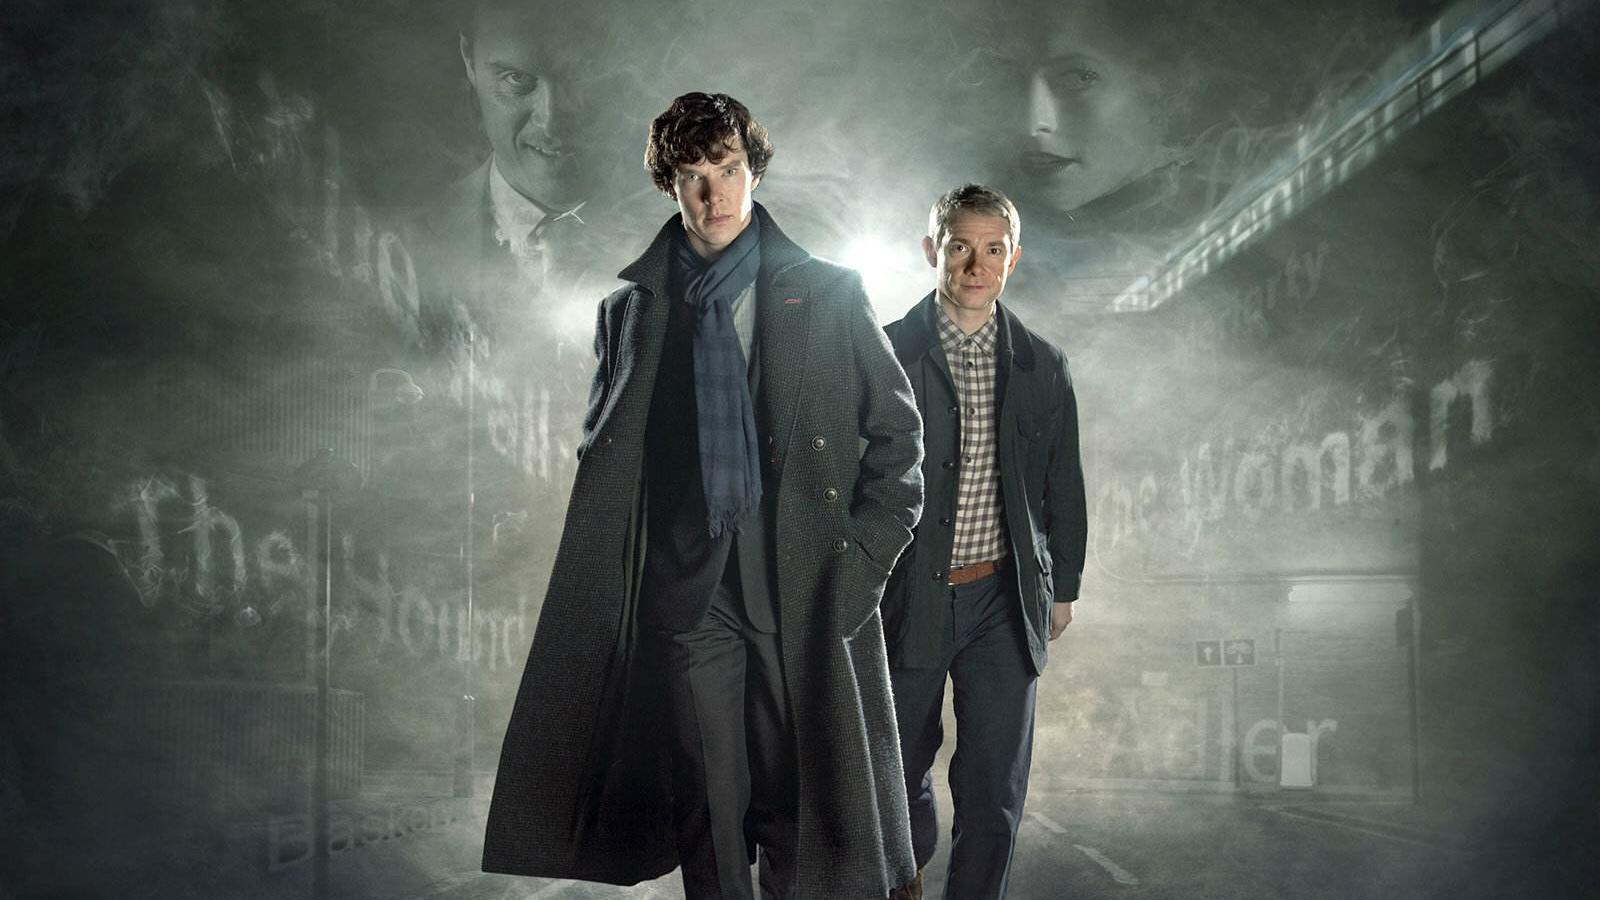 《神探夏洛克》将拍第五季,华生却说已经拍烦了